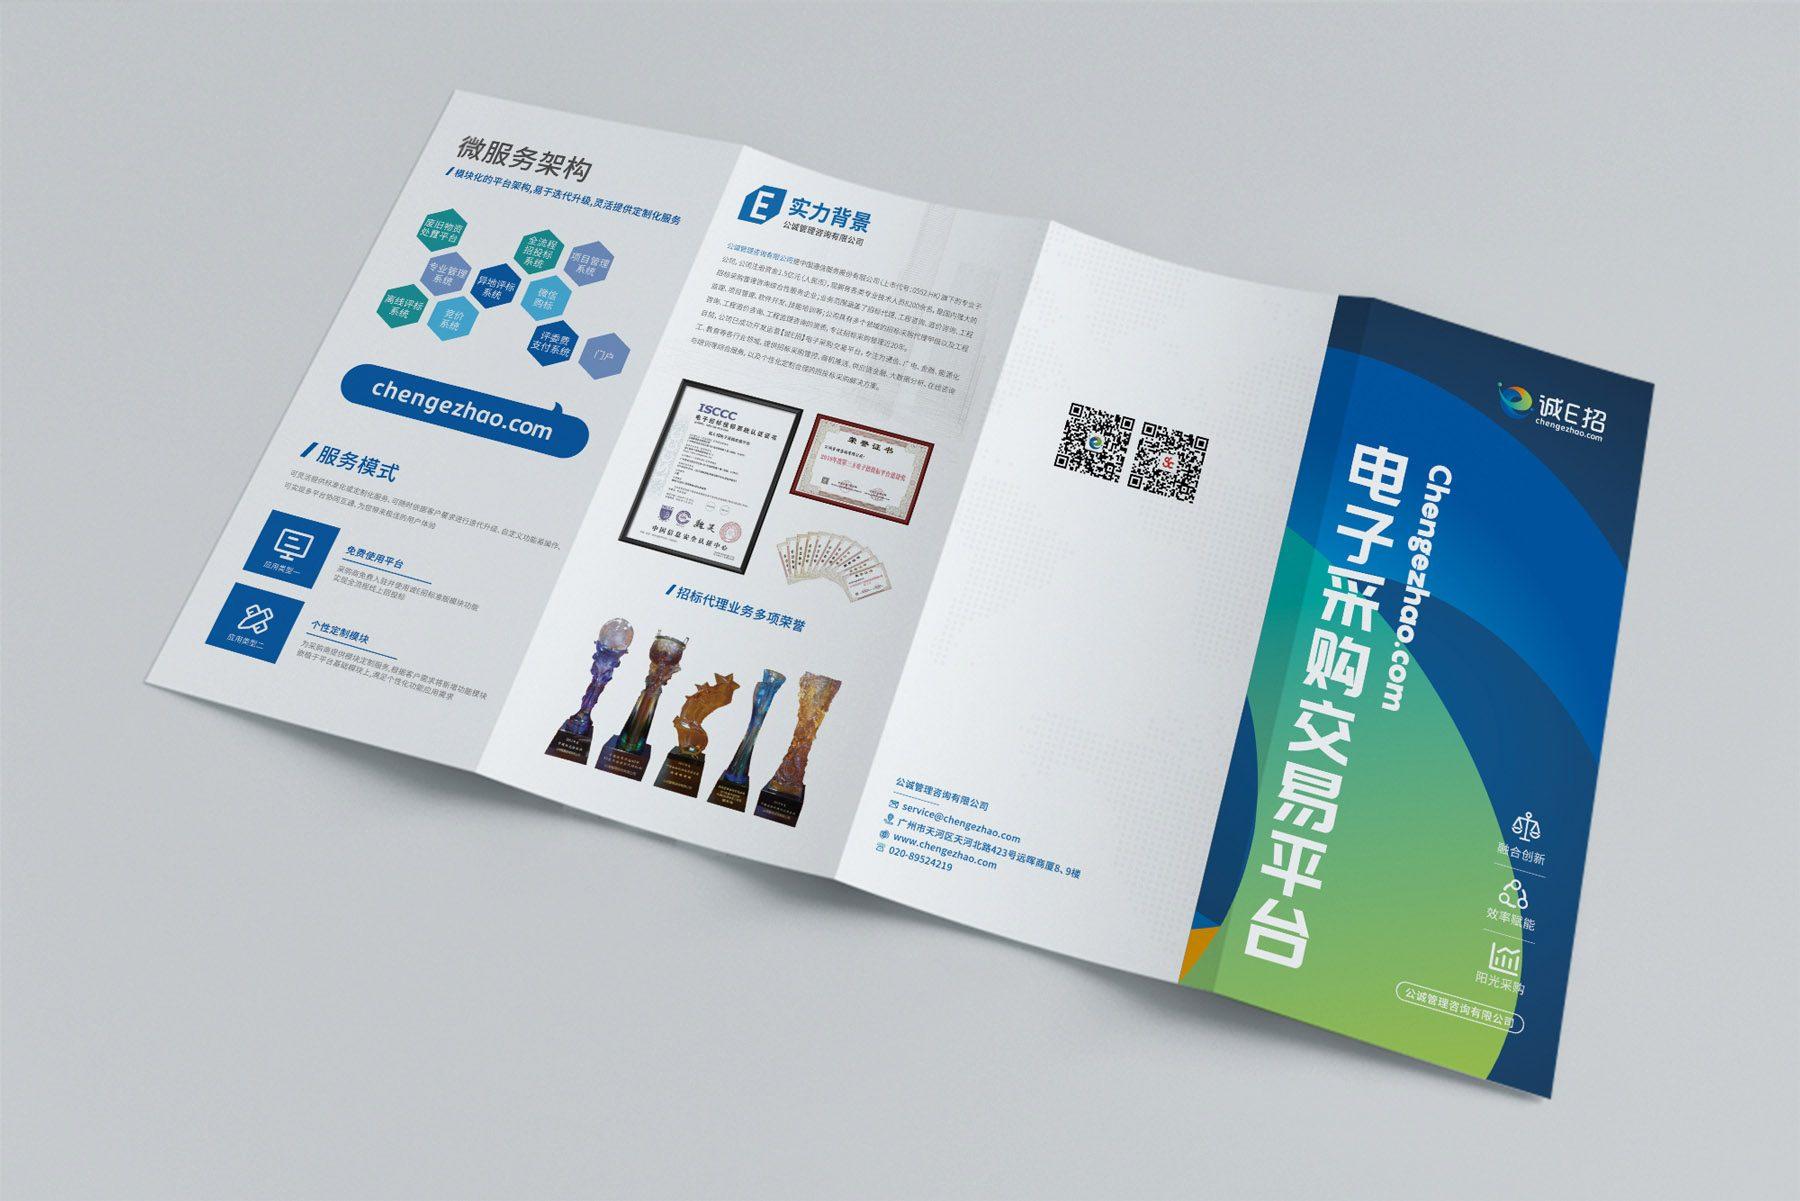 广东小李白:折页常见样式